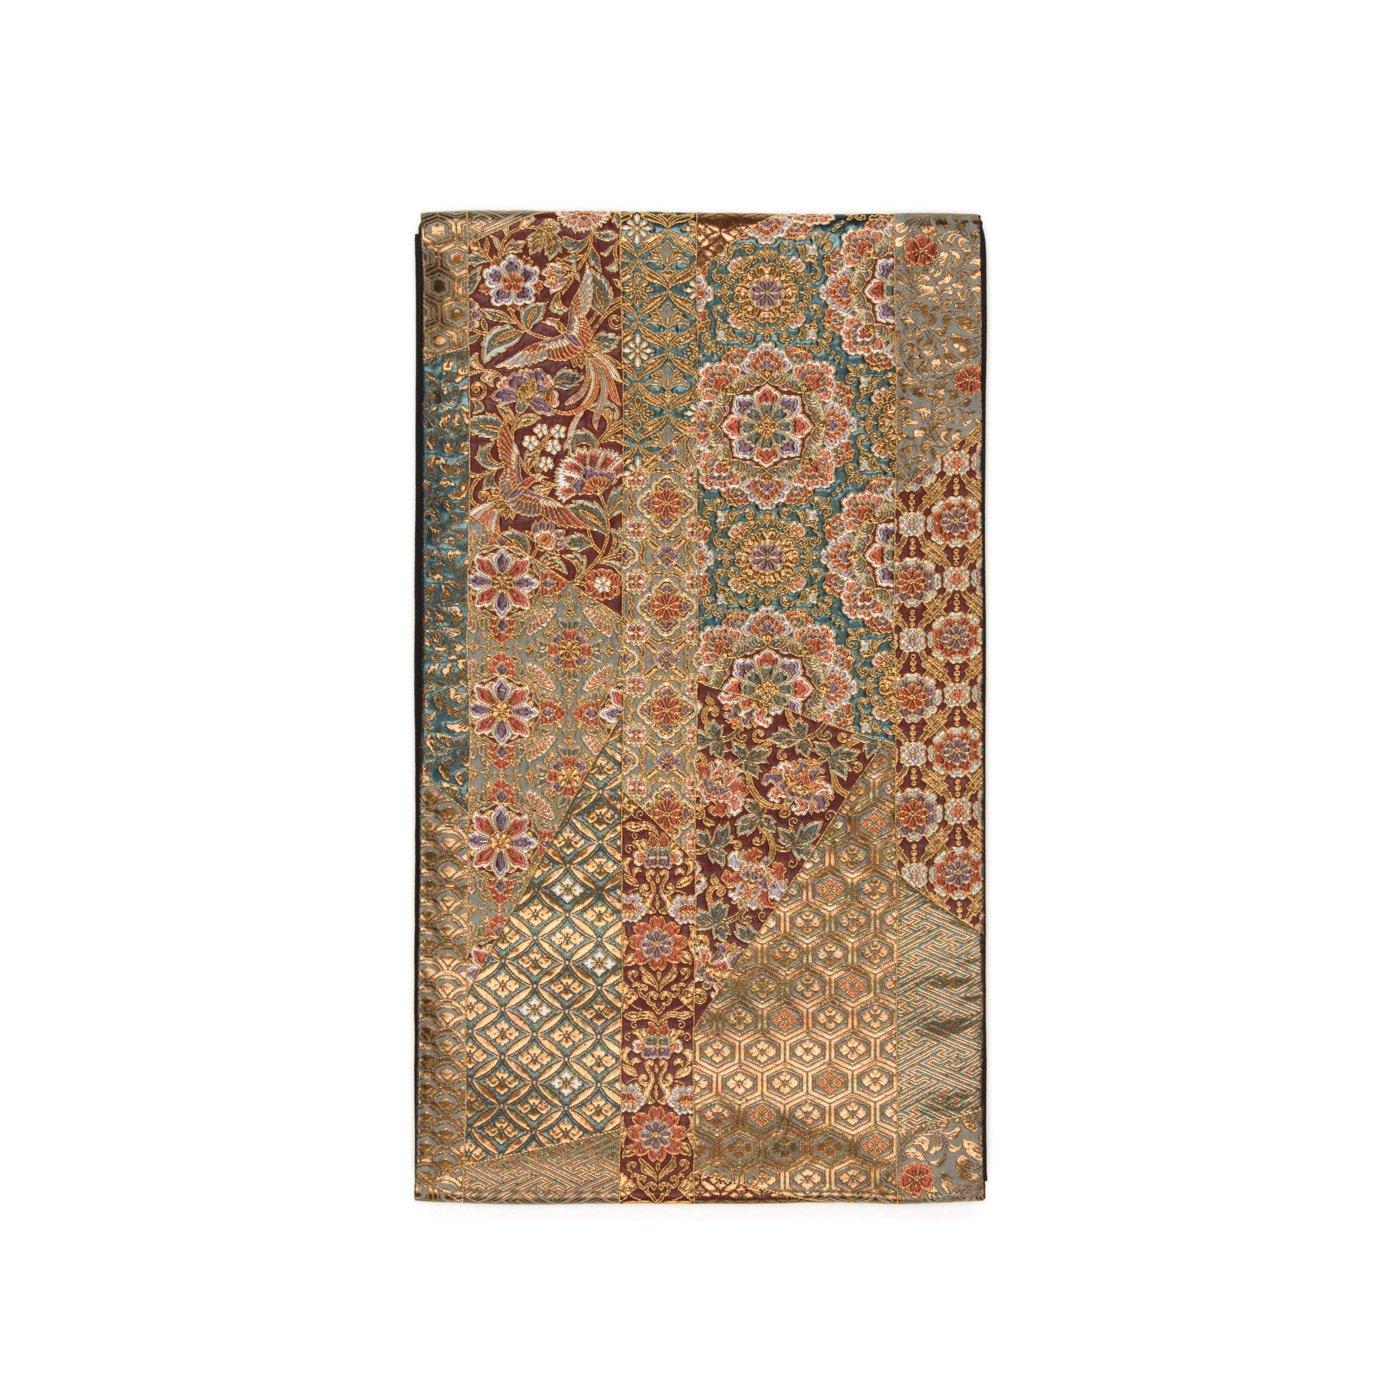 「袋帯●鳳凰に唐花 重厚感ある華紋など」の商品画像